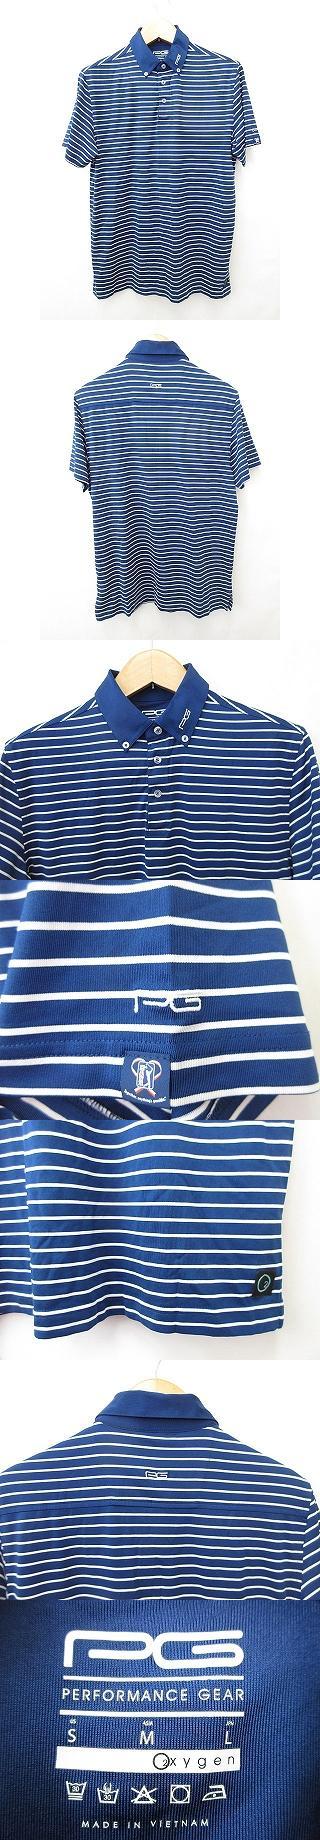 PGA TOUR ポロシャツ ゴルフウェア 半袖 ボタンダウンカラー ロゴ ワッペン ストレッチ ボーダー 紺 白 ネイビー ホワイト L